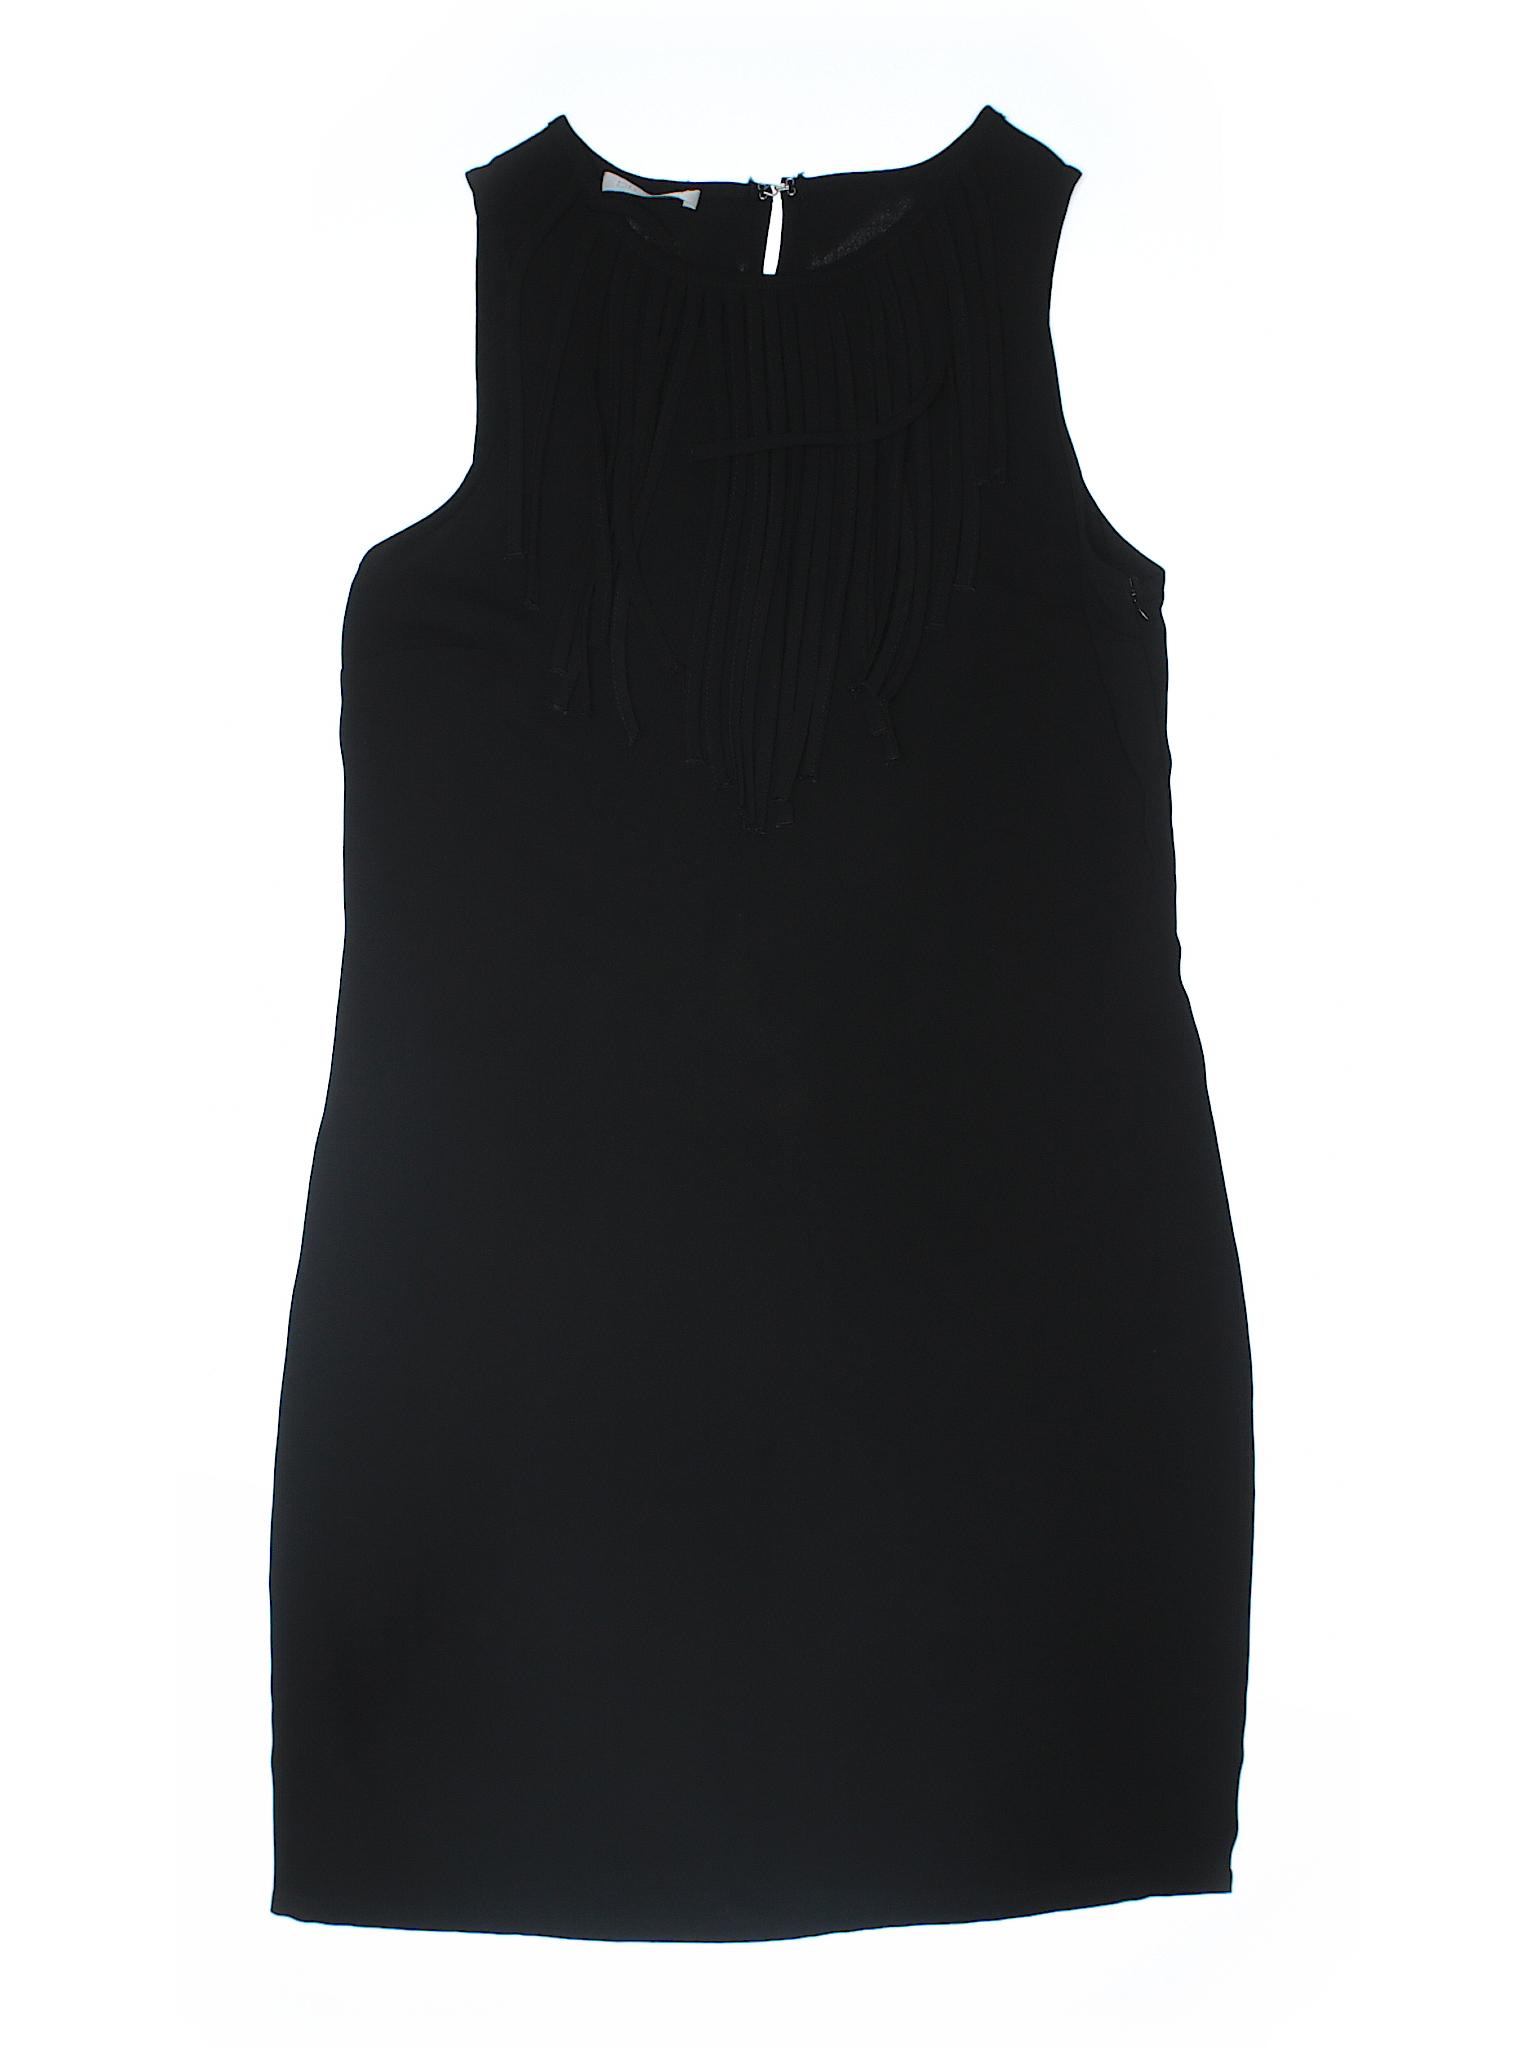 winter Boutique Casual Dress Promod Promod Promod Boutique Dress Boutique Dress Casual Casual winter winter Boutique qw1TPnWX